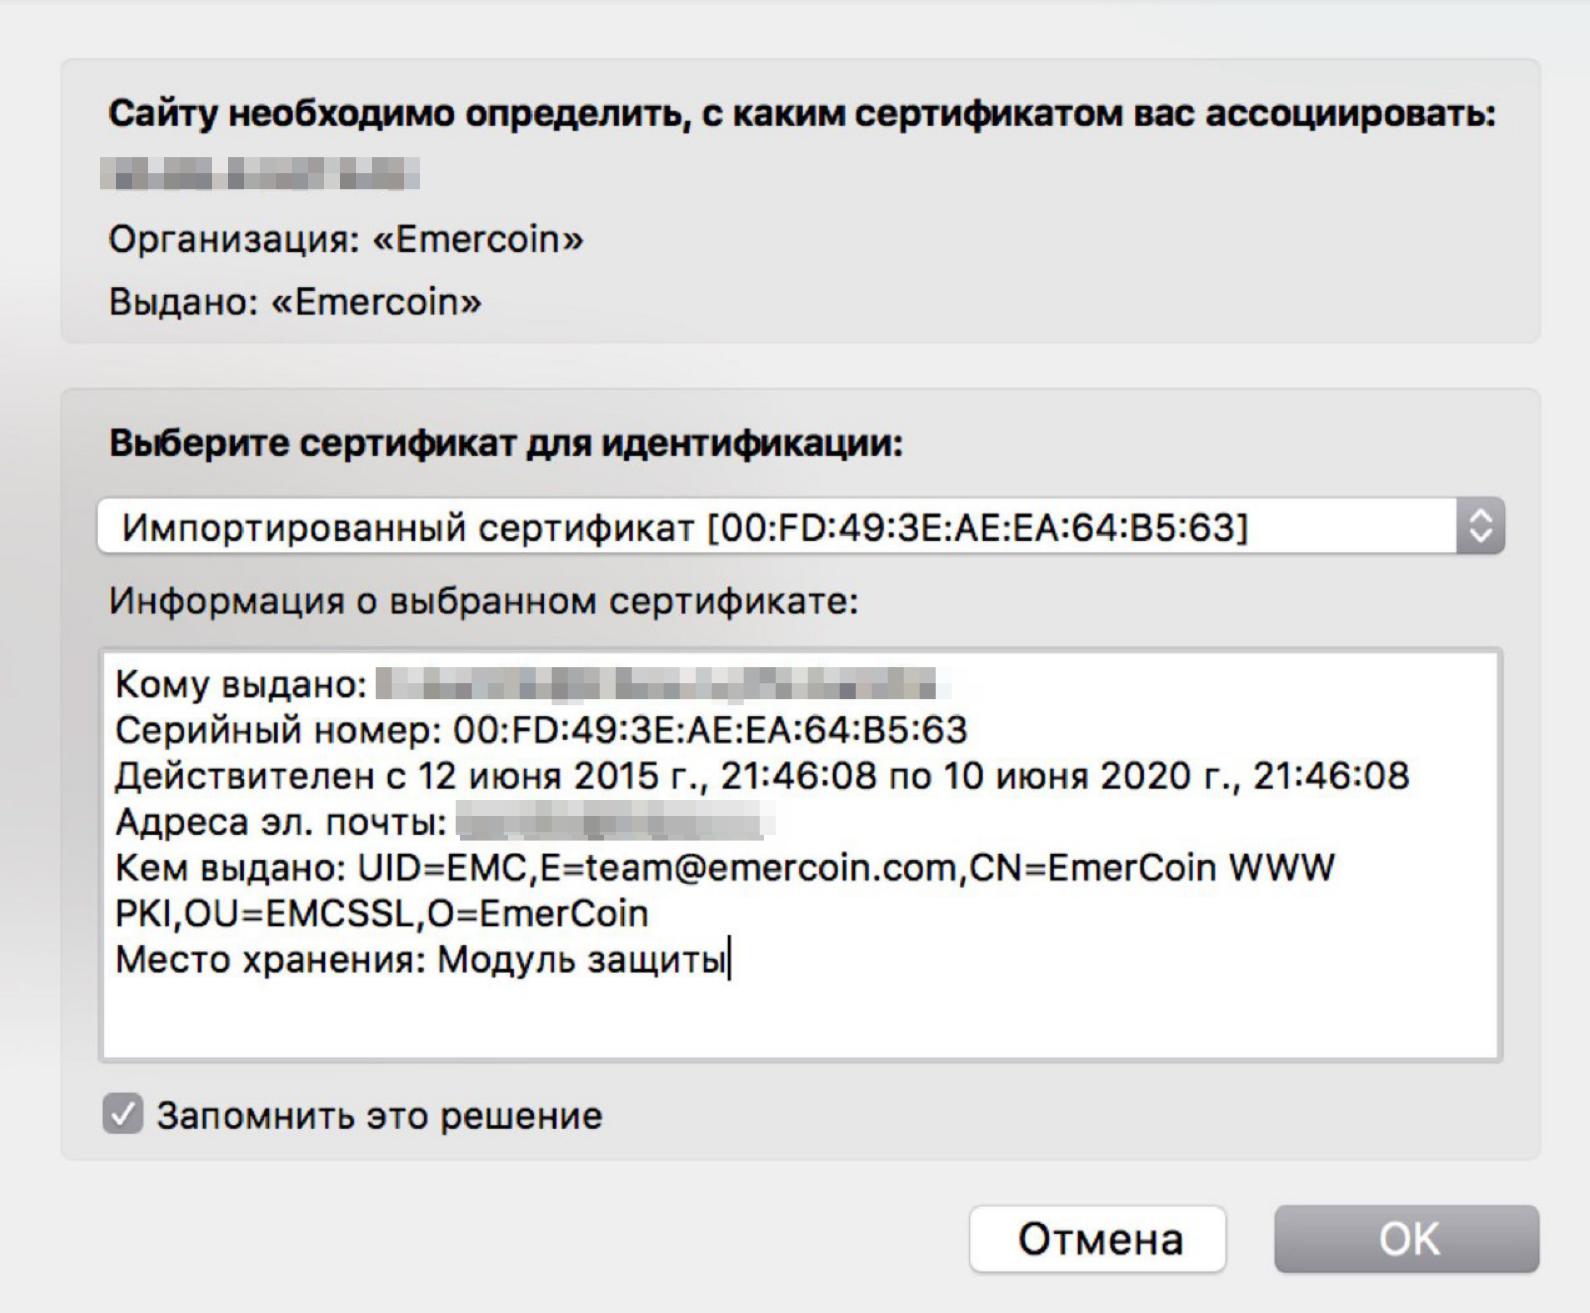 Authorizer: децентрализованная авторизация emcSSL заработает с oAuth 2.0 - 3